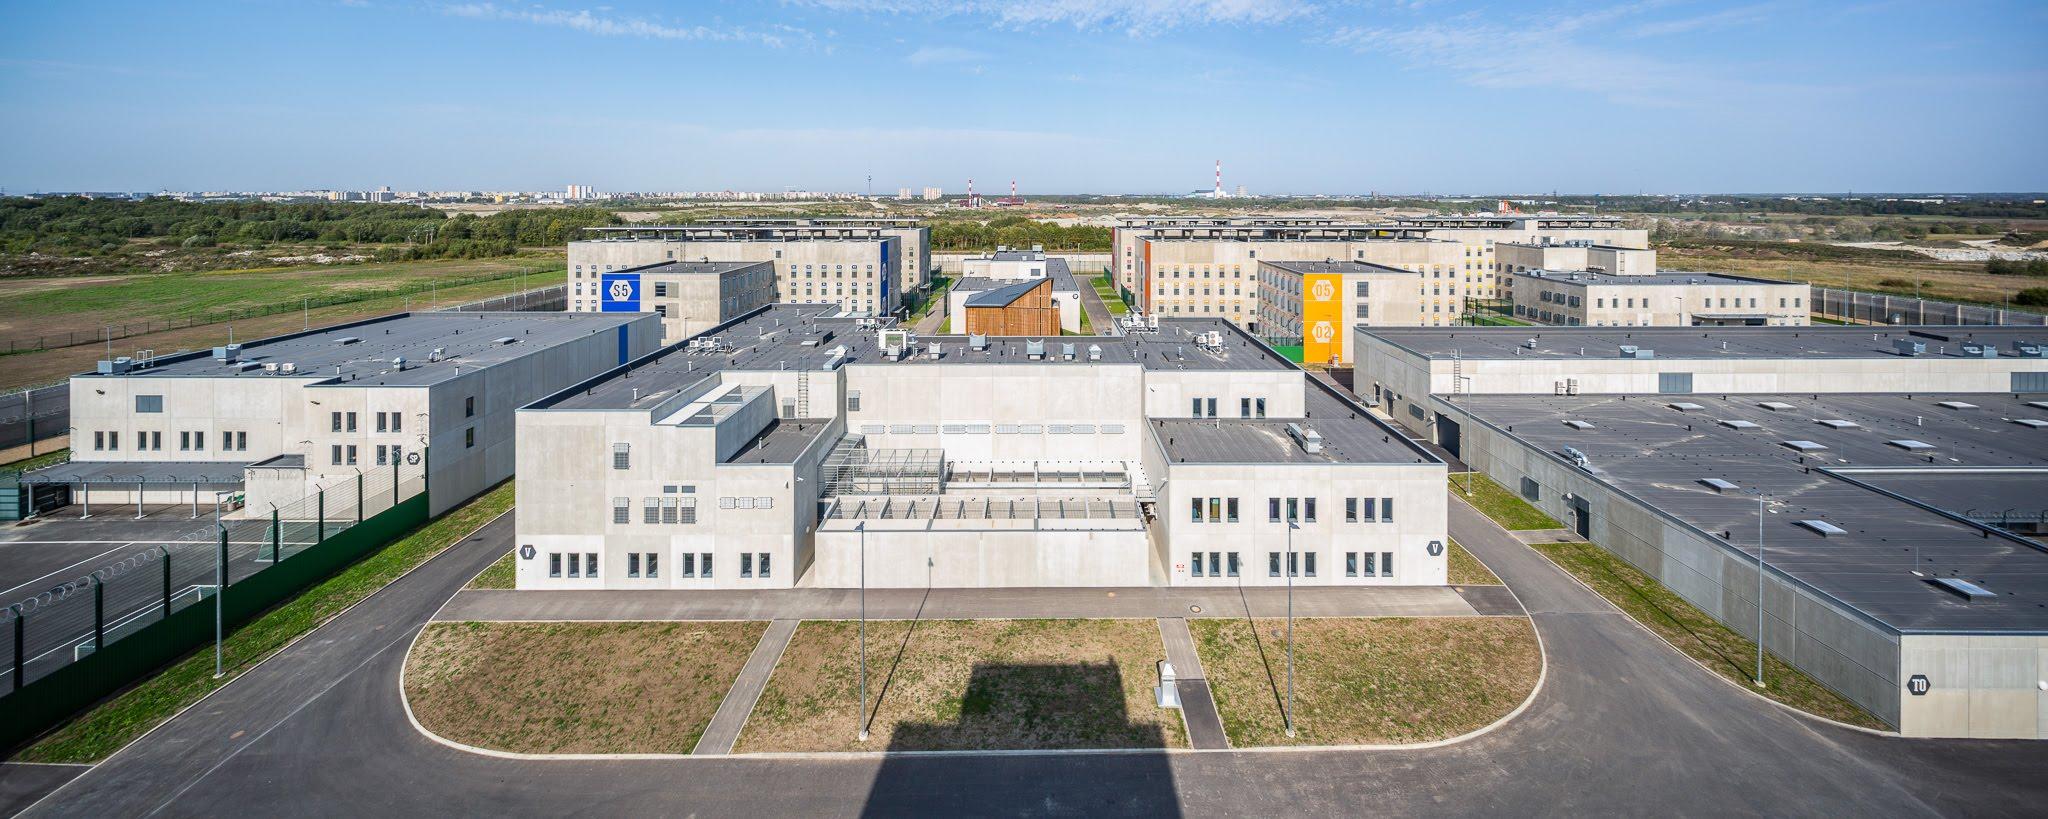 Tallinna uus vangla